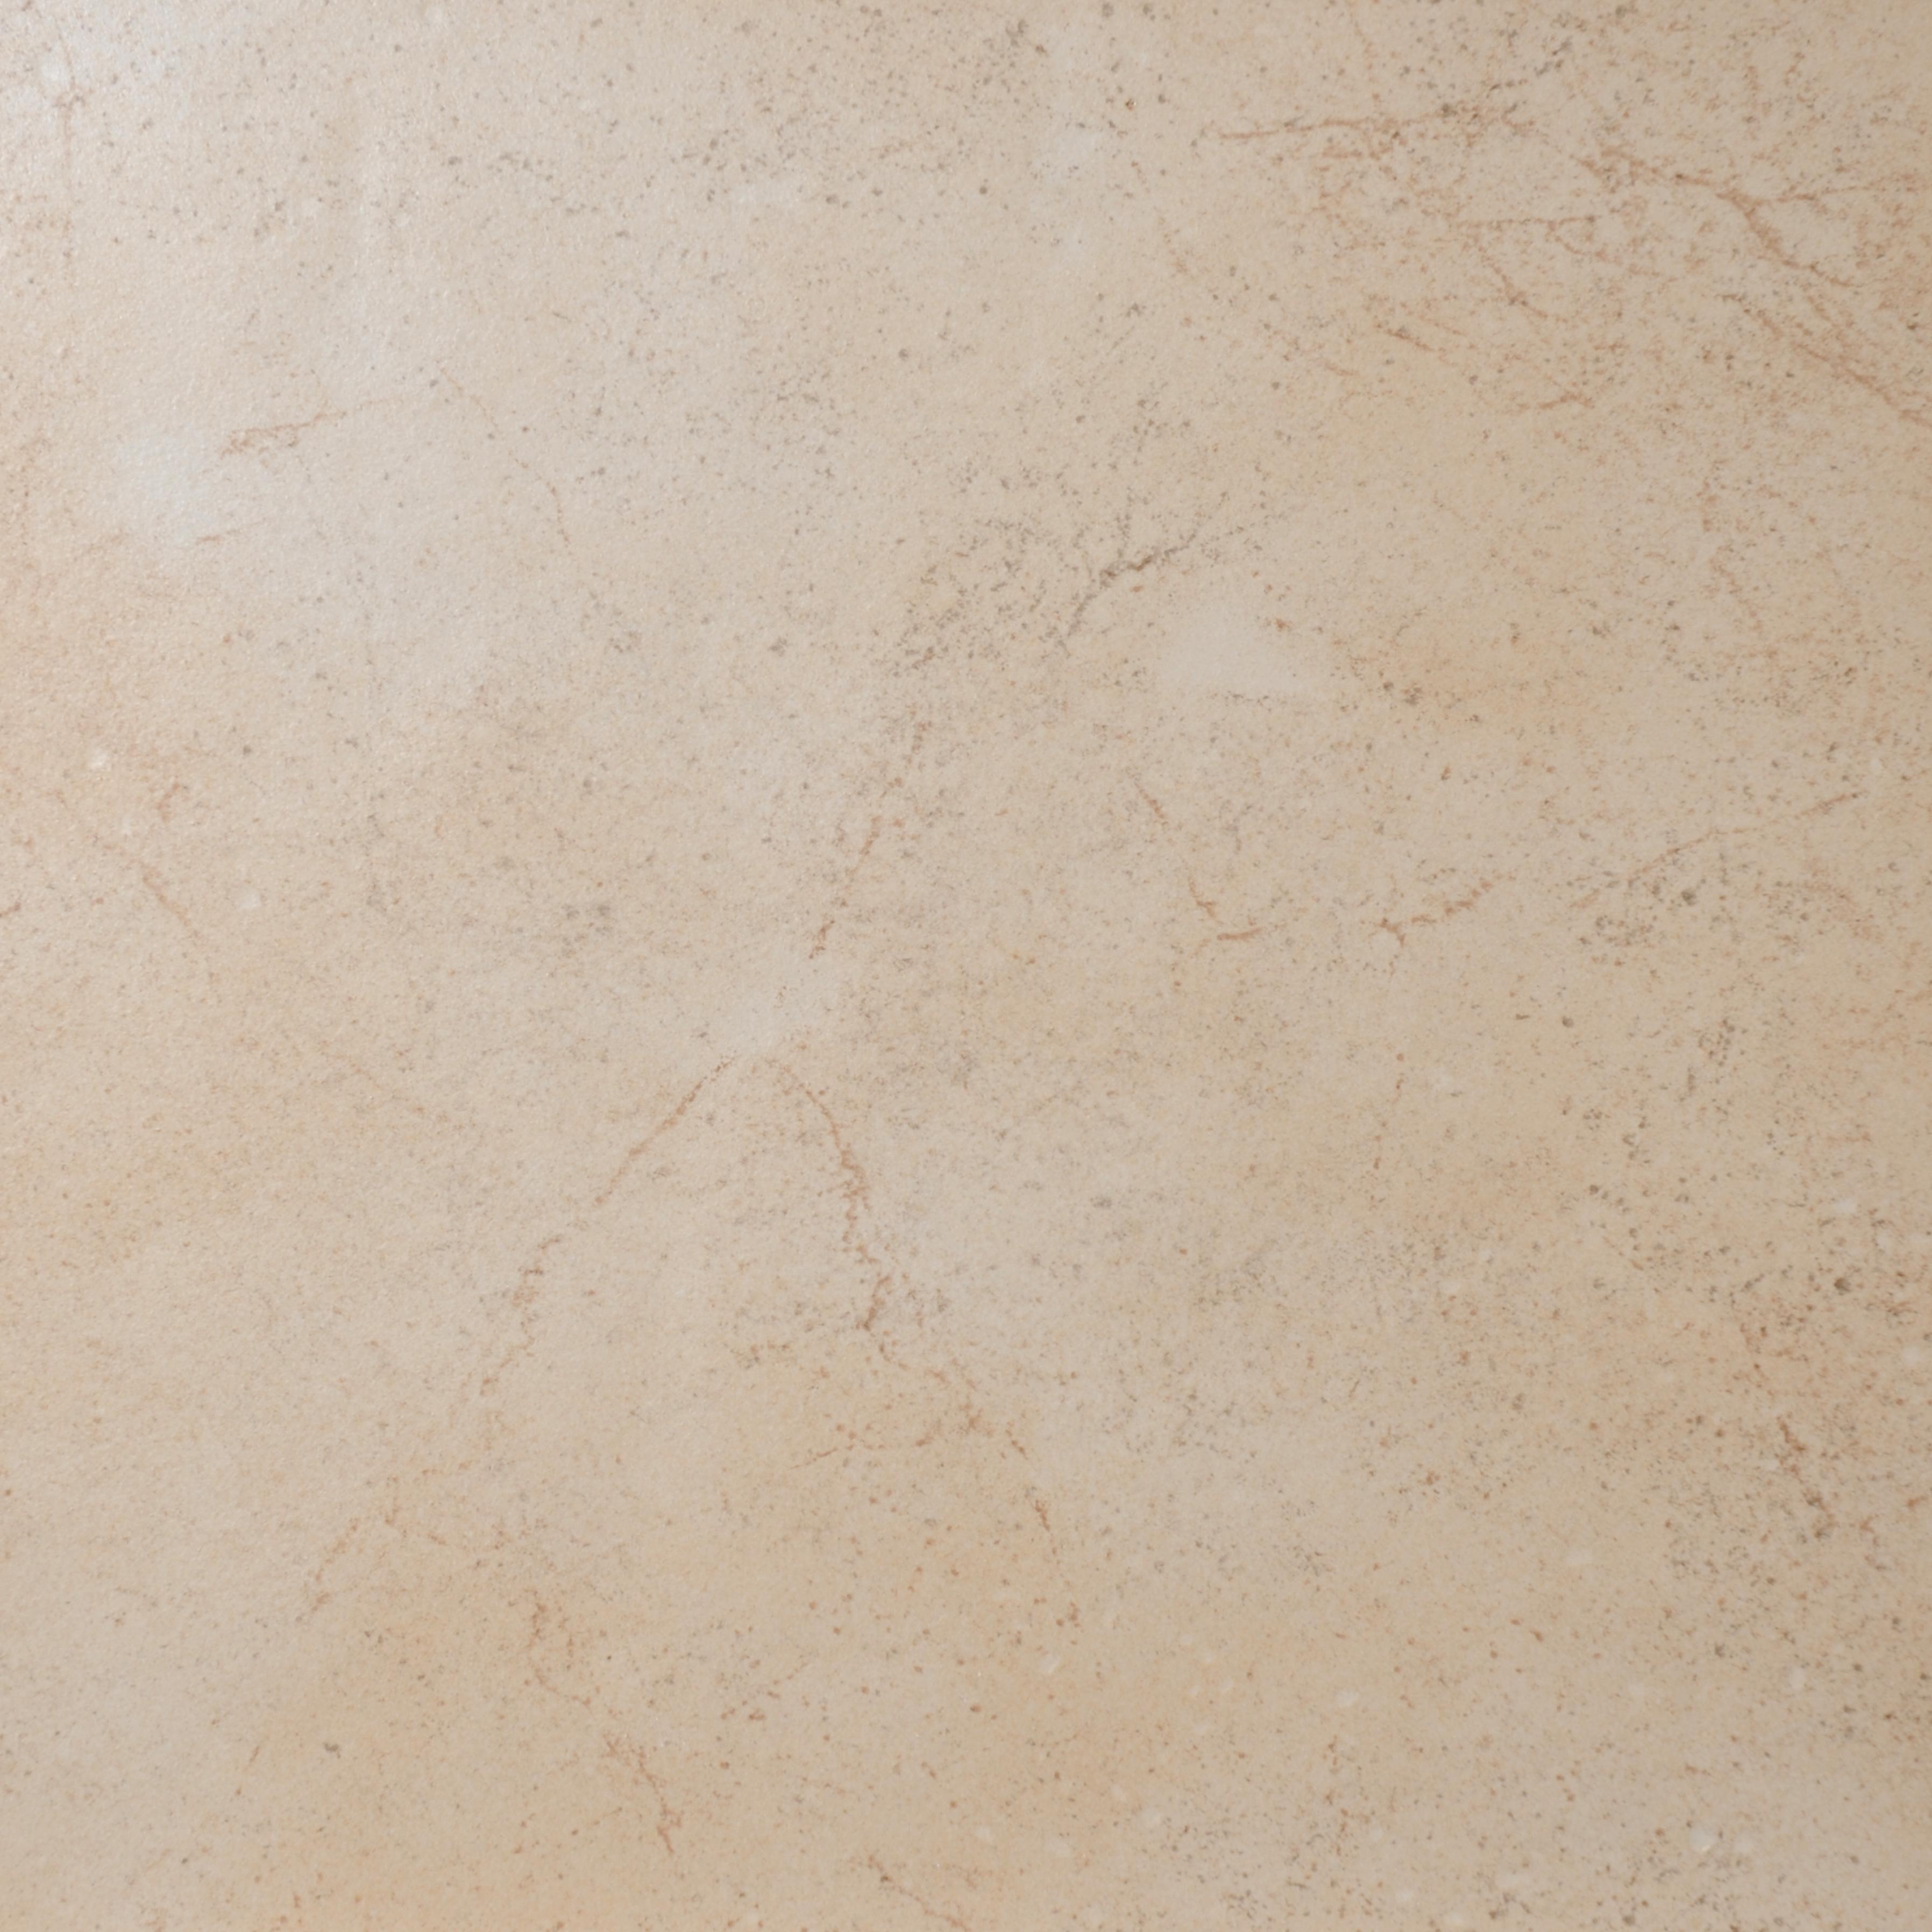 Piastrella-Iris-31-x-31-beige-34129655